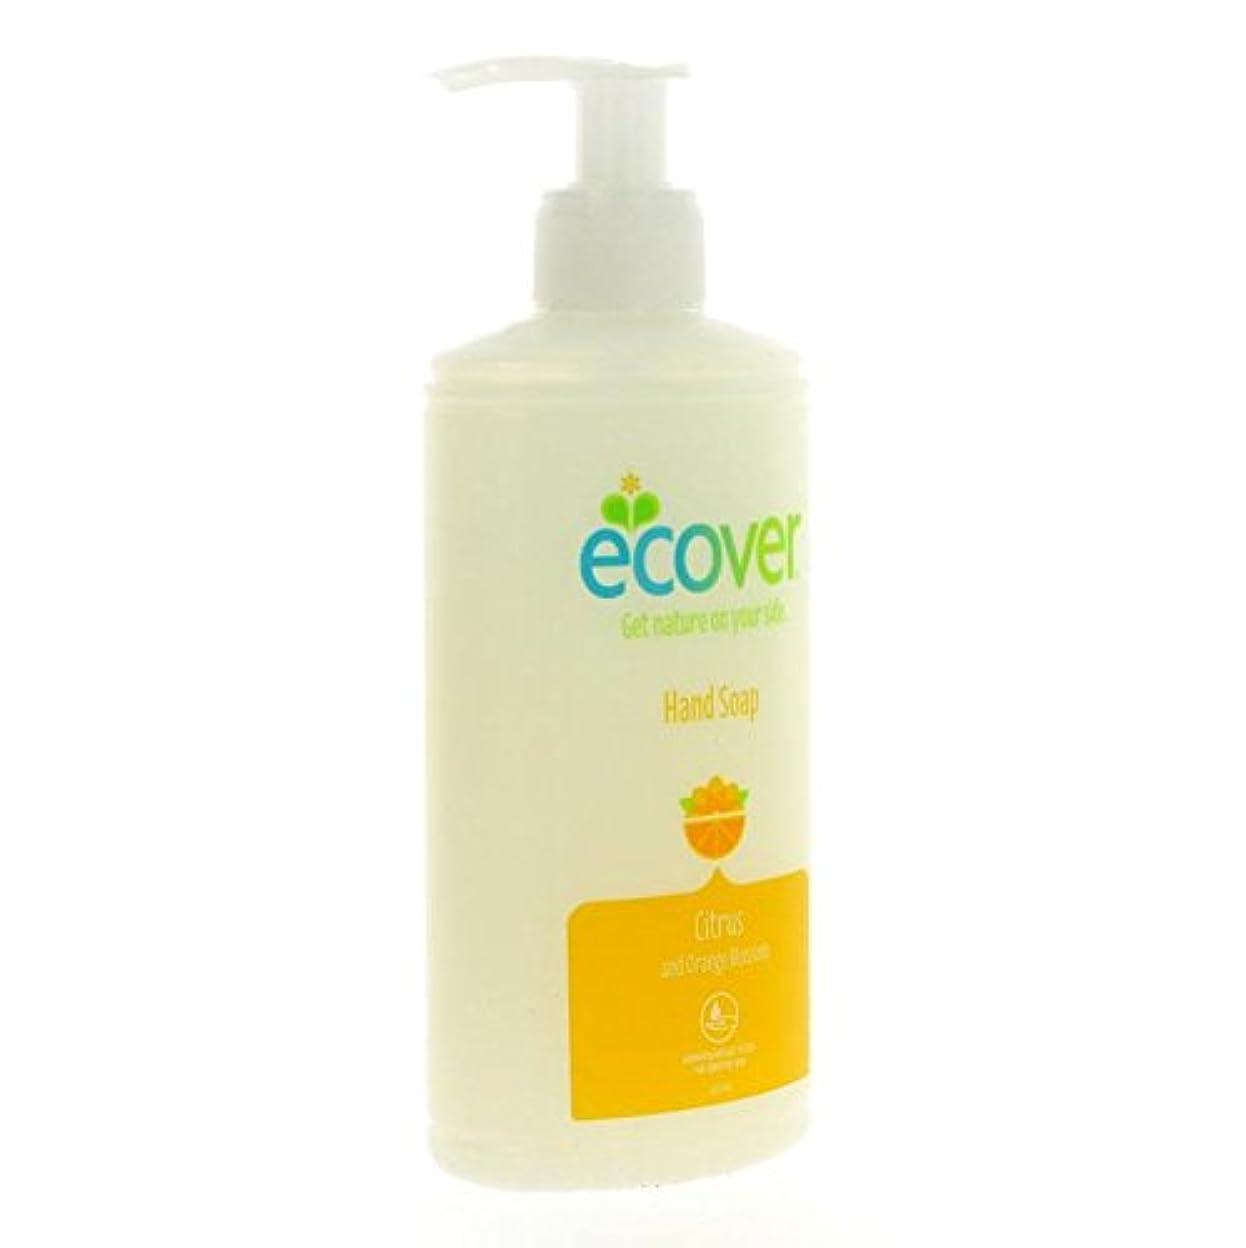 肘極地量Ecover - Hand Soap - Citrus and Orange Blossom - 250ml (Case of 6)